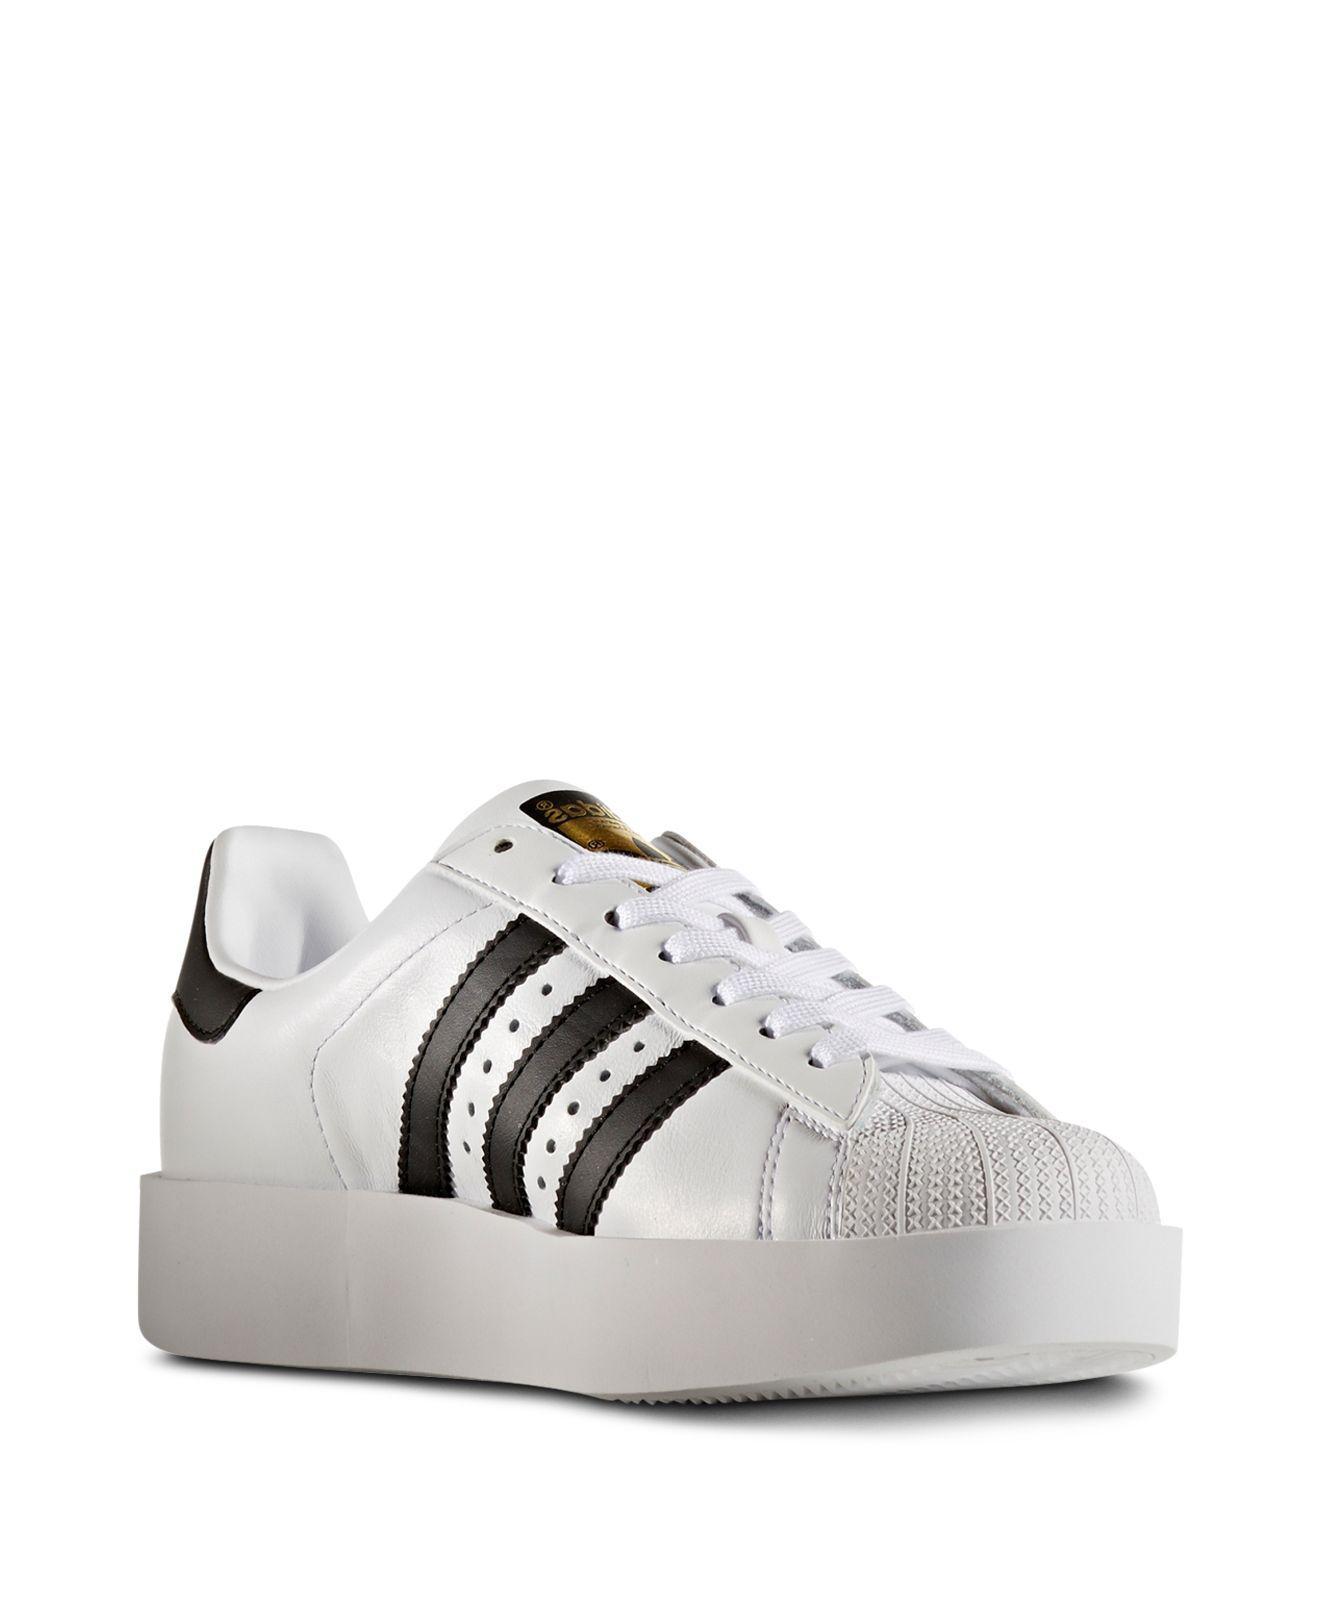 adidas women's superstar bold platform shoes